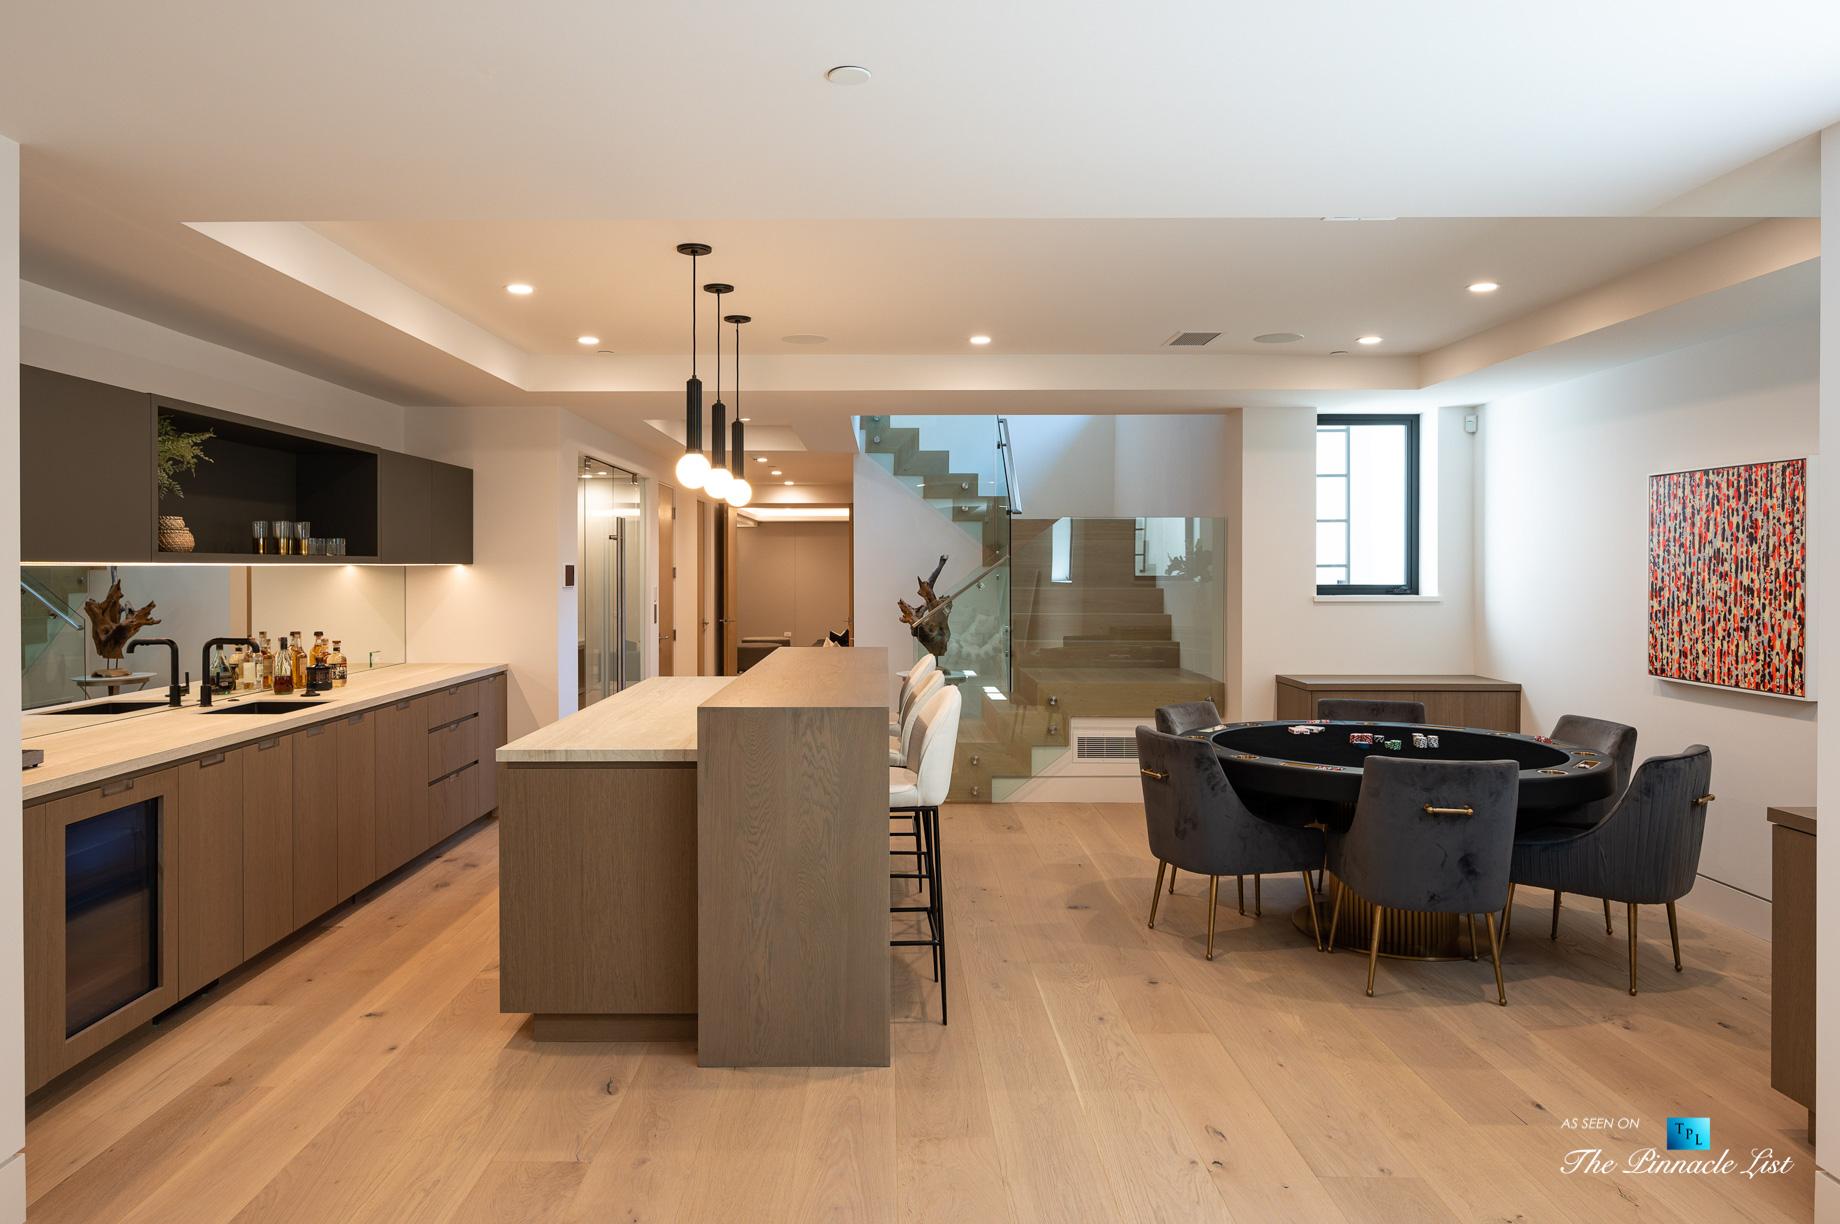 2016 Ocean Dr, Manhattan Beach, CA, USA – Bar and Recreation Room – Luxury Real Estate – Modern Ocean View Home